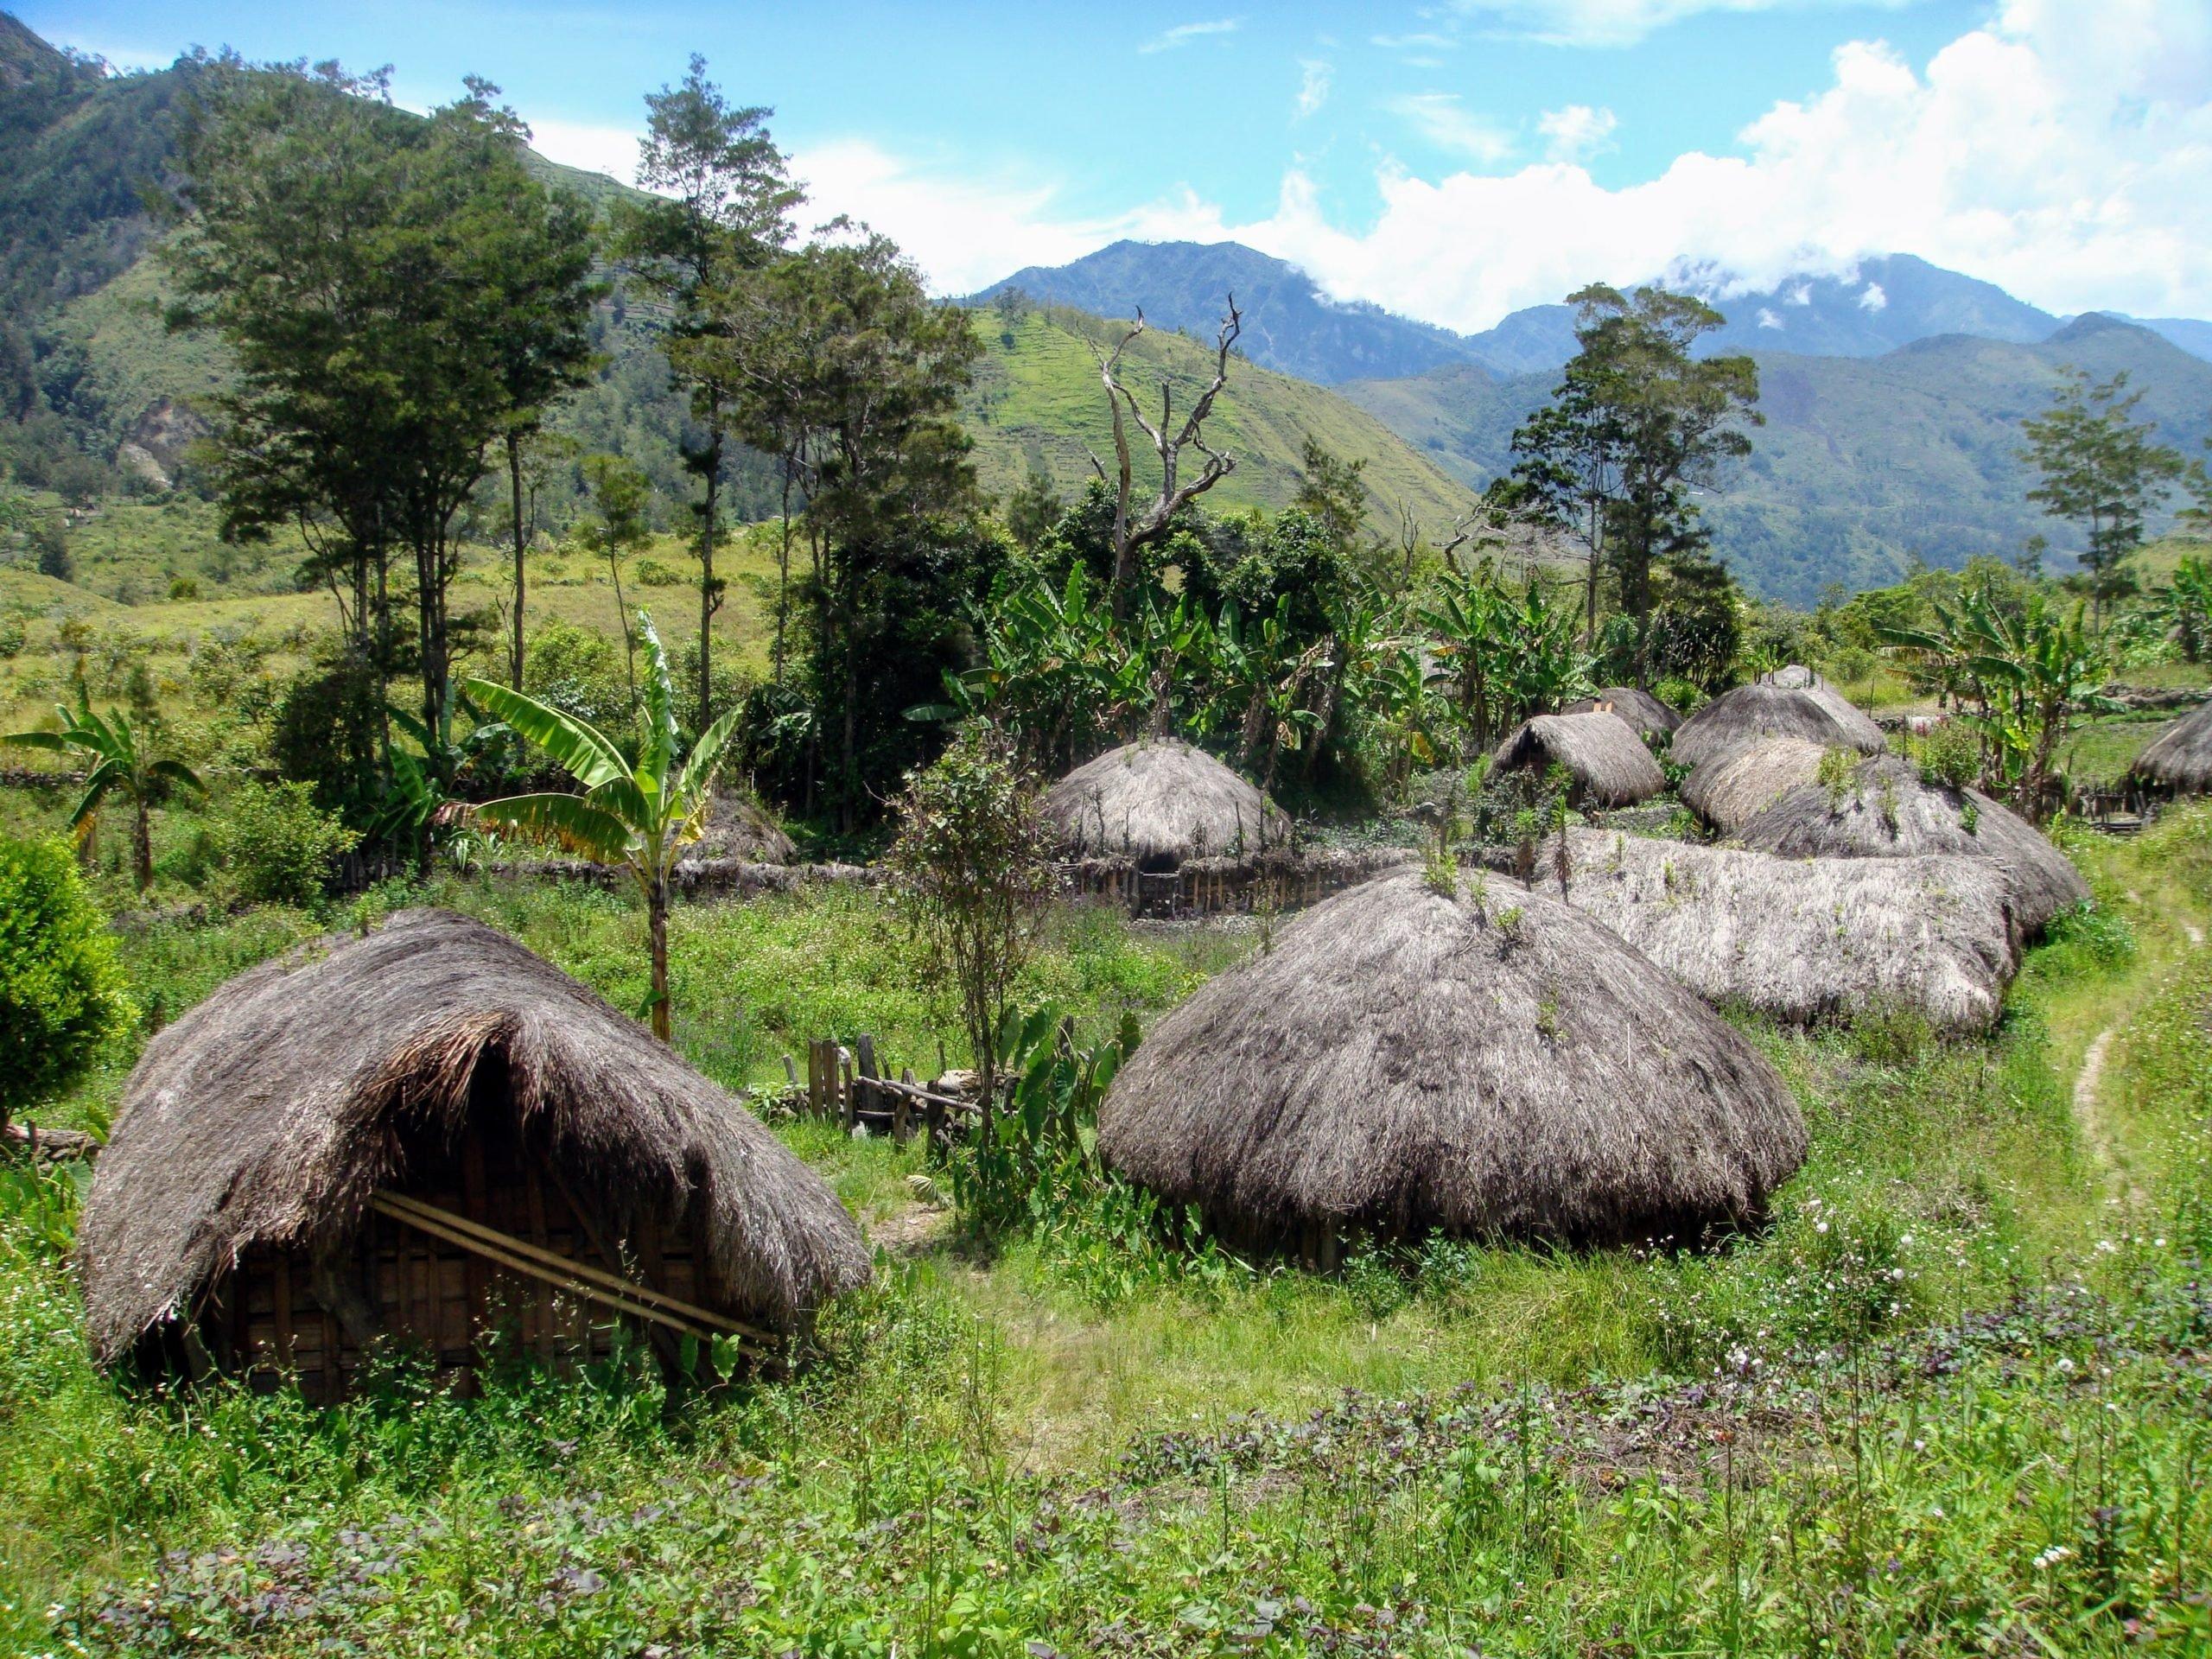 Putovanje Indonezija - Papua - Festival i treking u dolini Baliem (15)